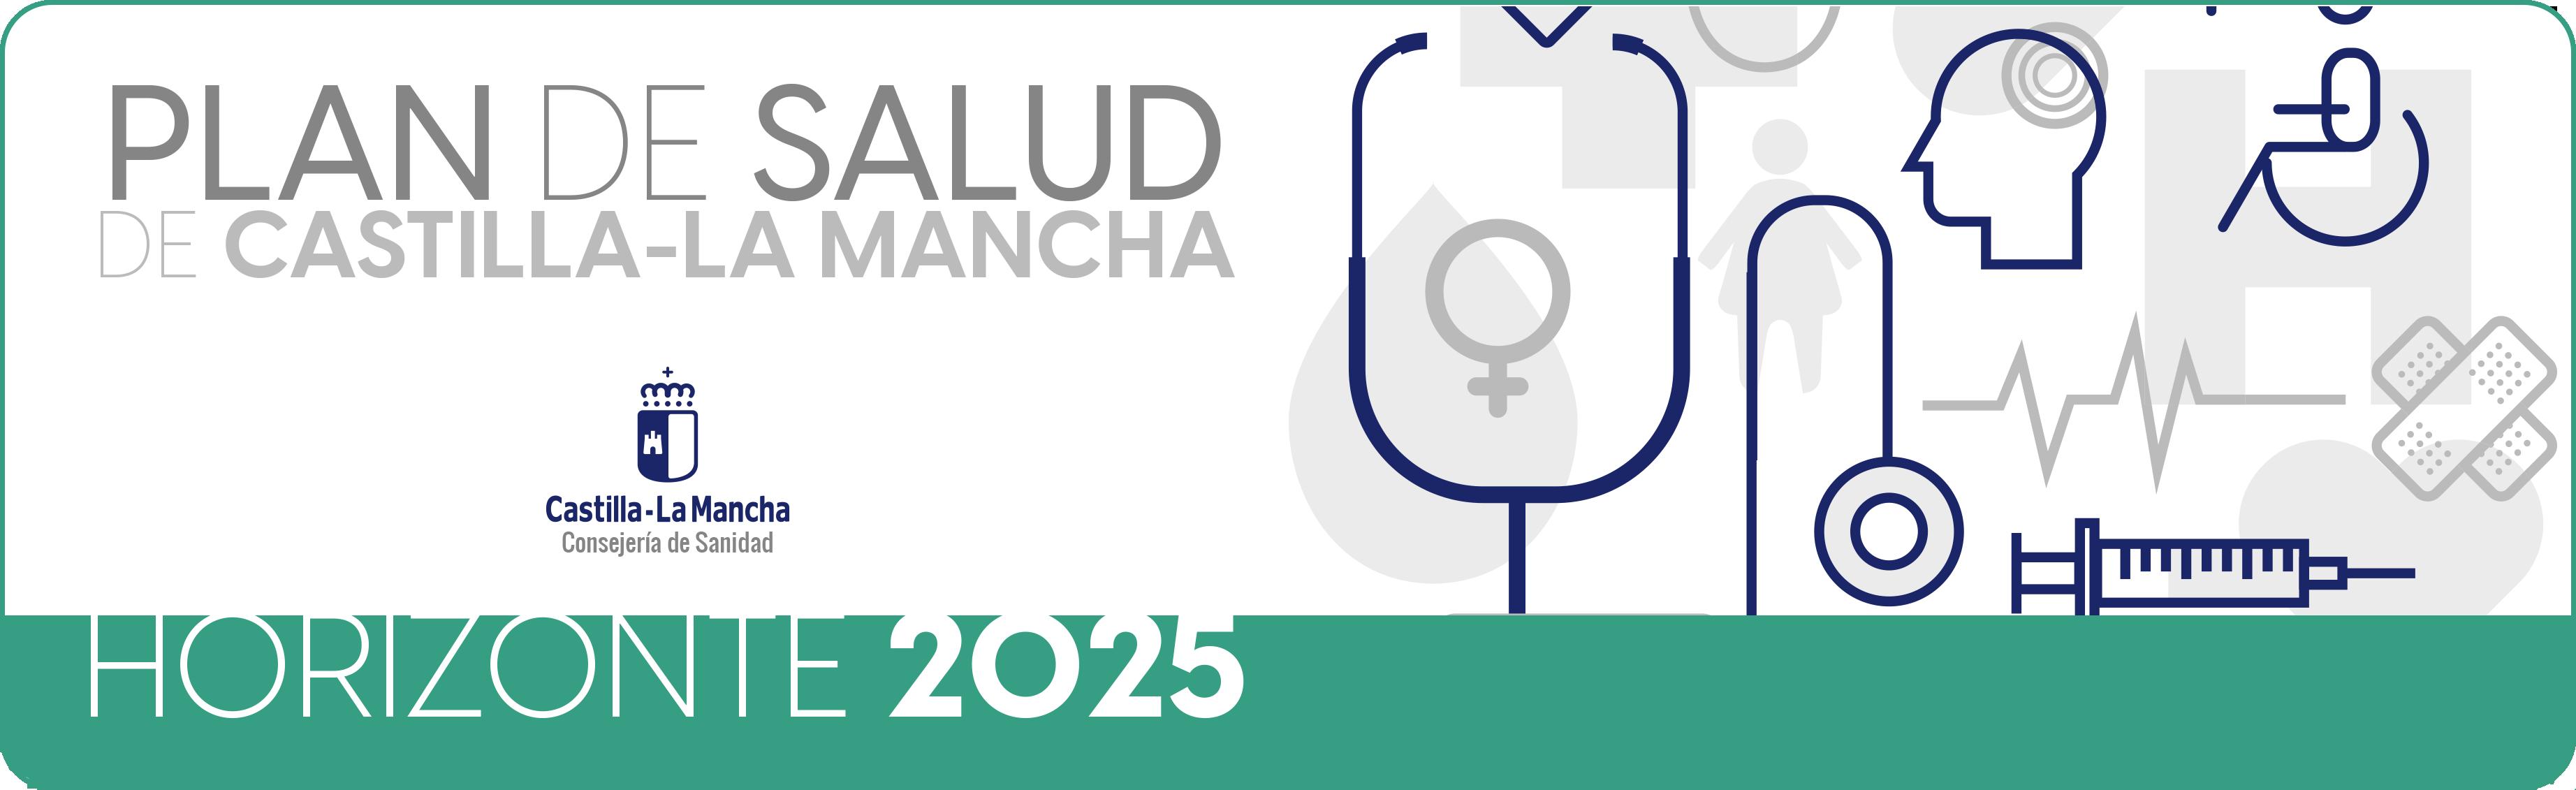 Plan de Salud de Castilla-La Mancha Horizonte 2025